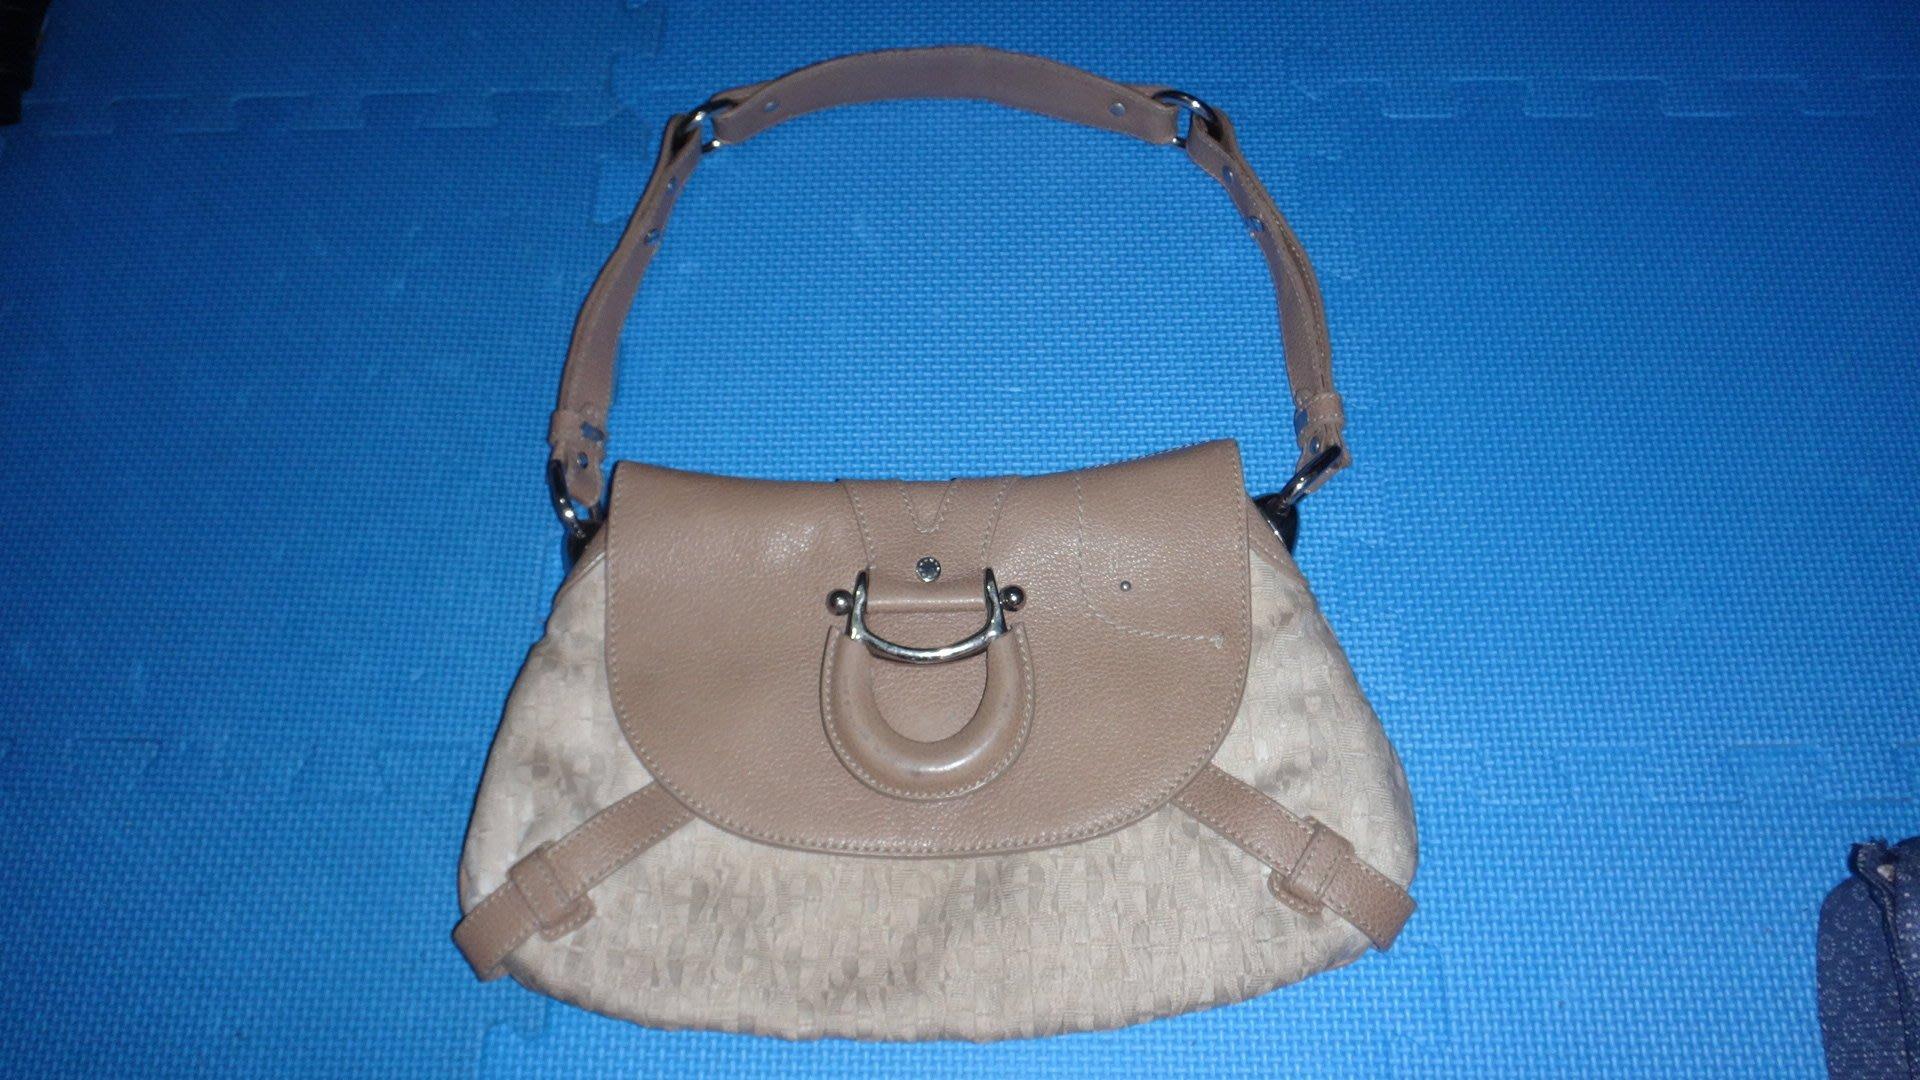 ~保證真品 Aigner 褐色單寧布和真皮款肩背包 大方包 手提包~便宜起標無底價標多少賣多少